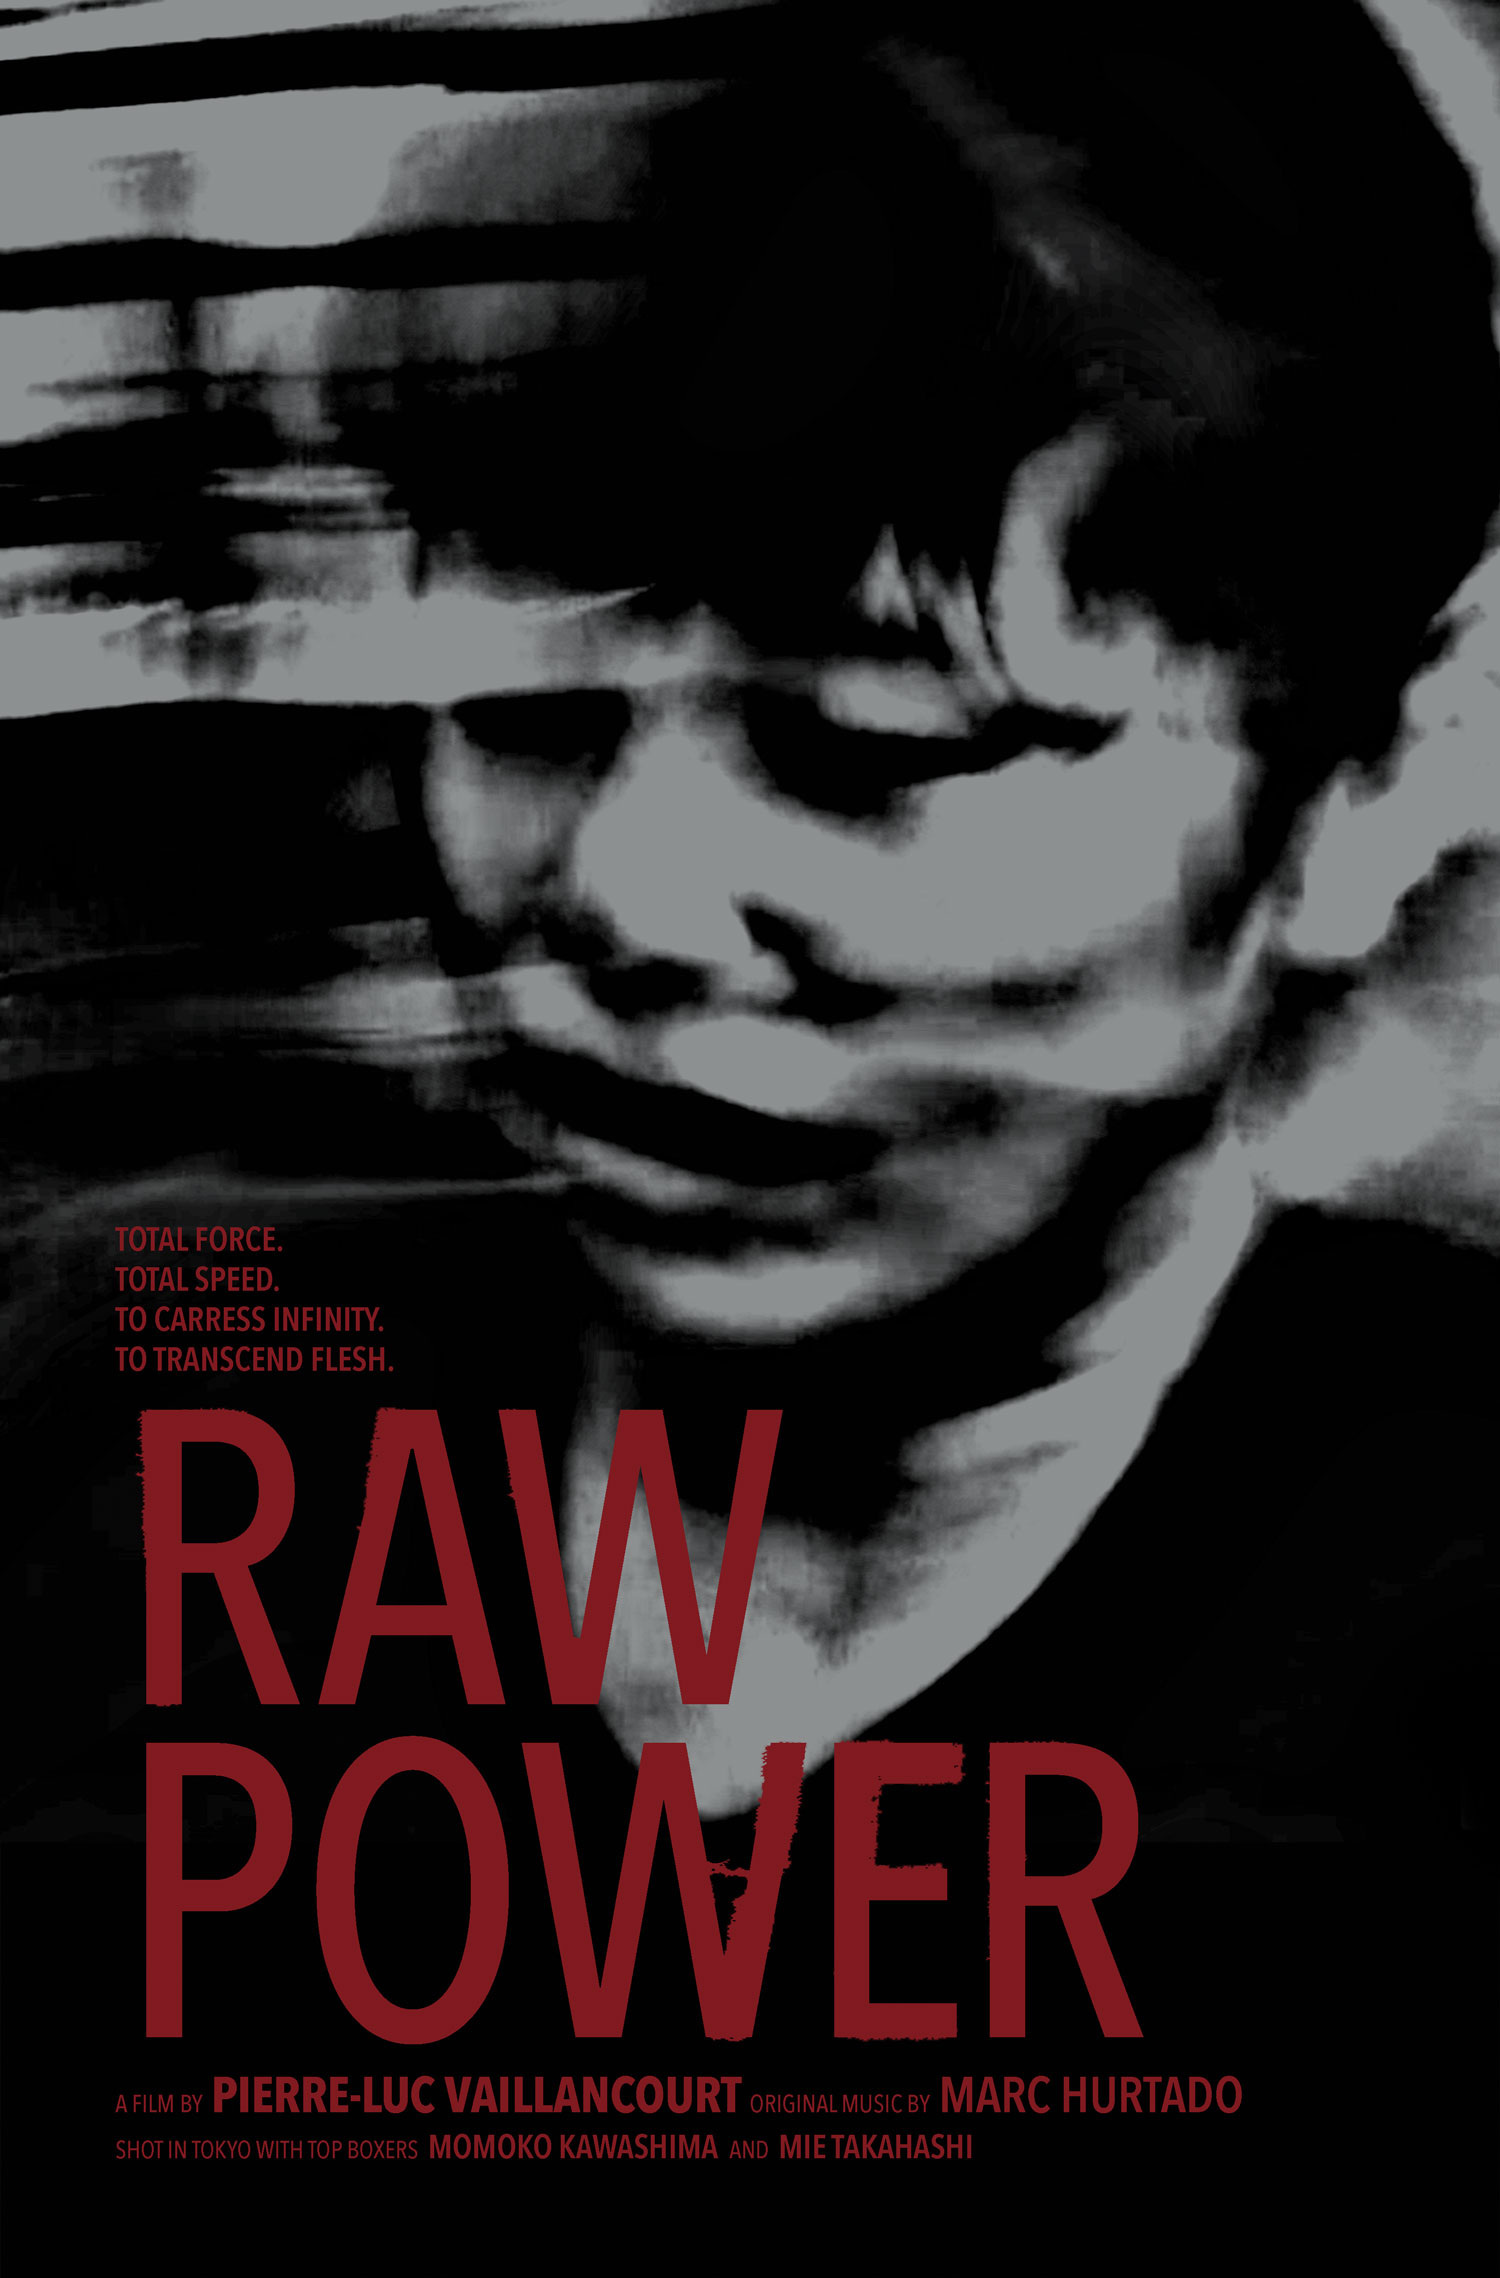 Proposition d'affiche pour le film Raw Power (2020) du réalisateur PIERRE-LUC VAILLANCOURT